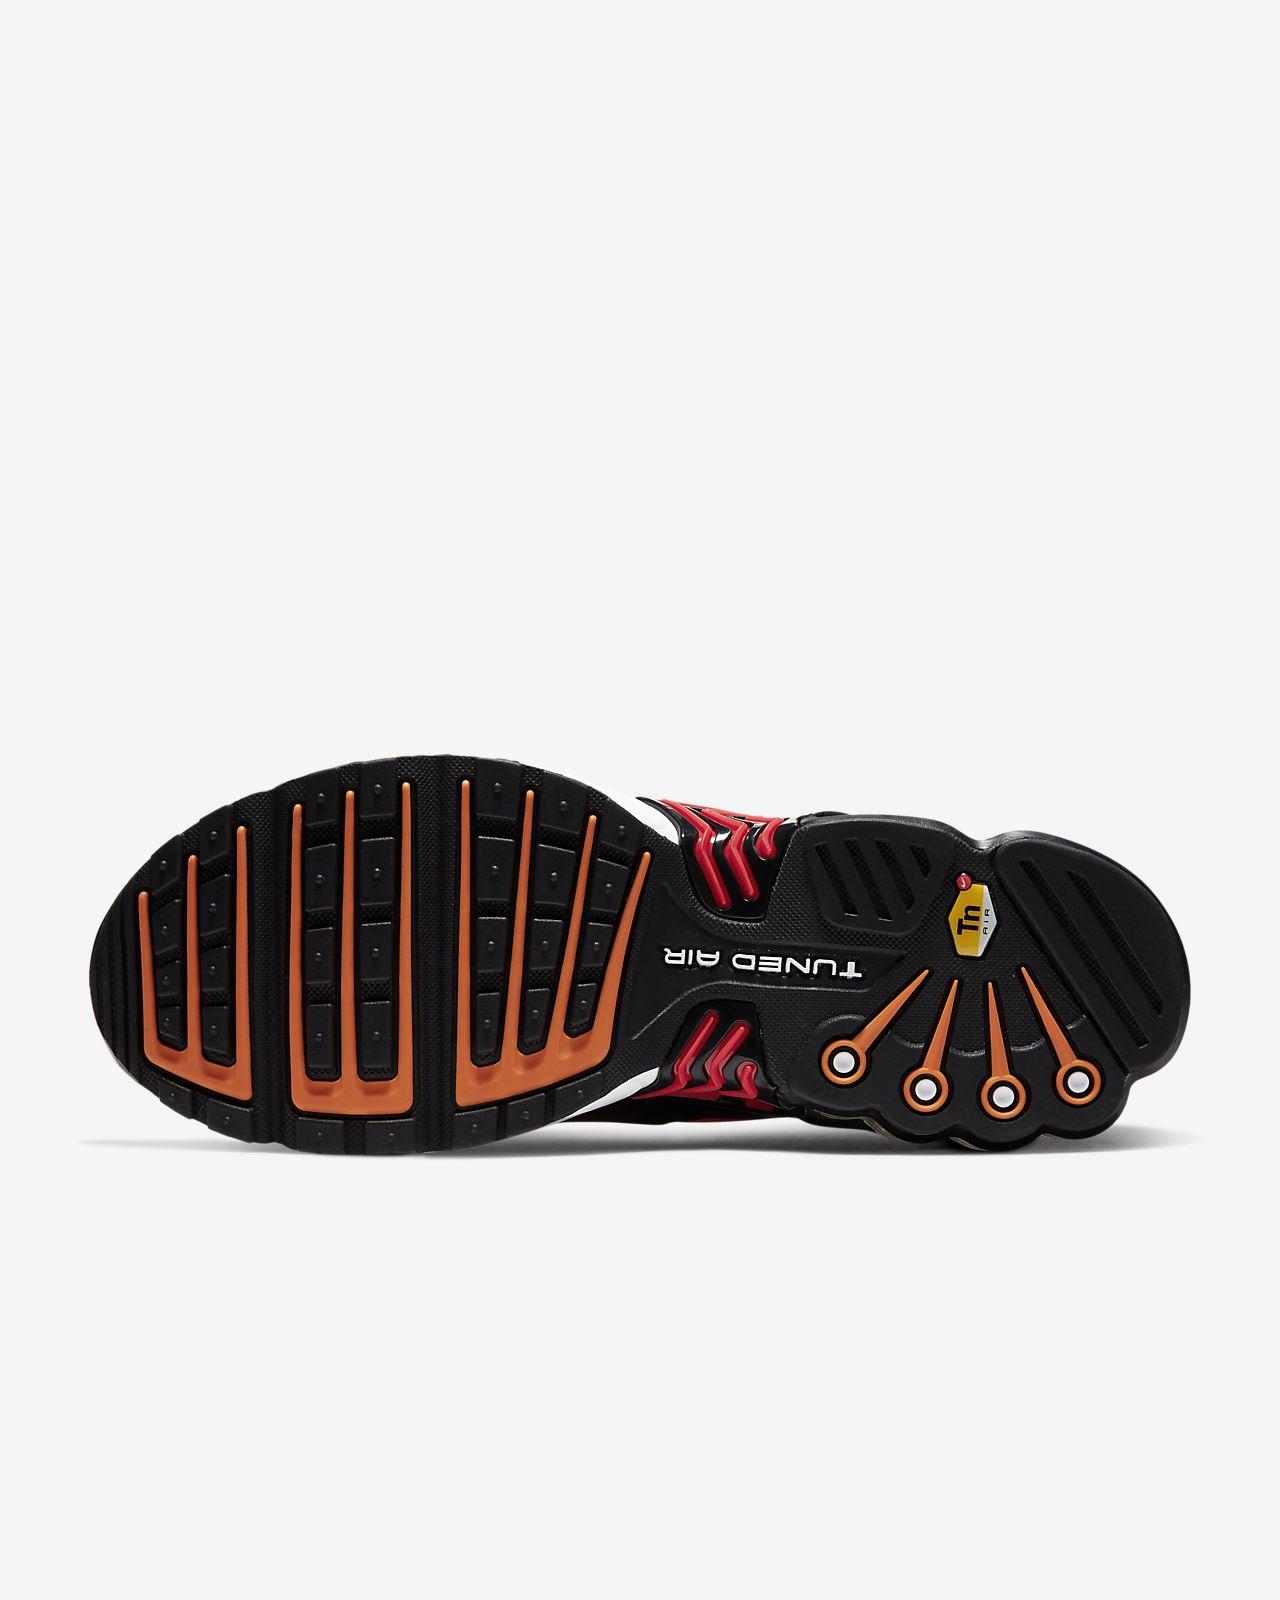 Nike Air Max Plus III Men's Shoe